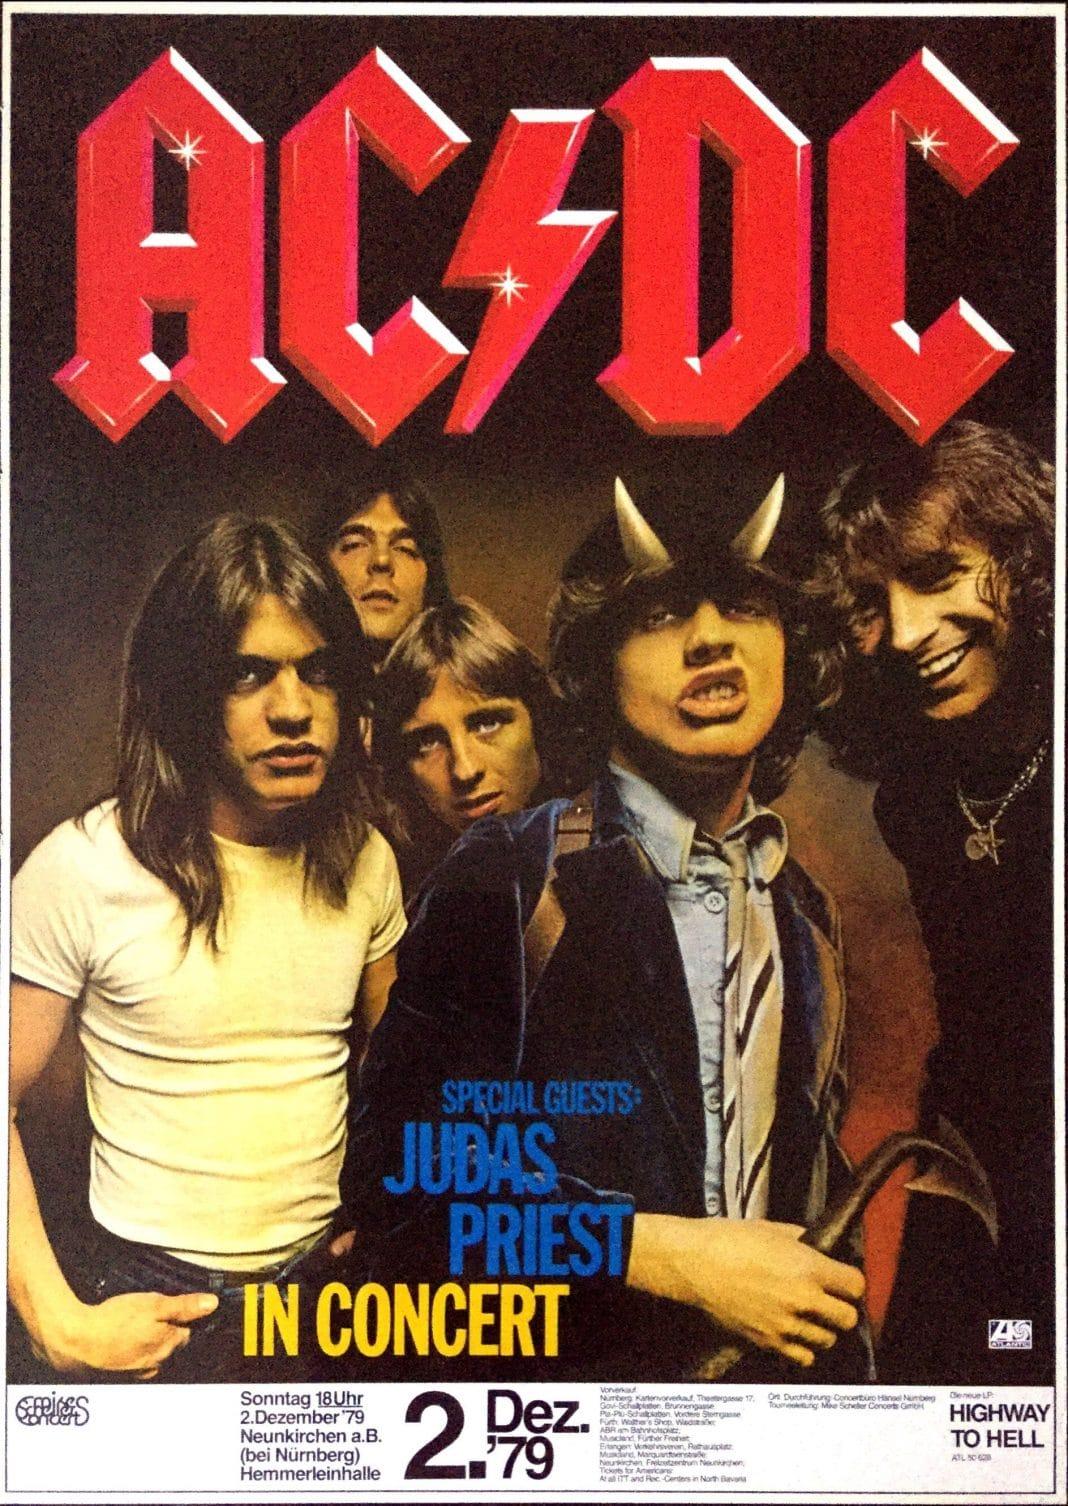 AC/DC: Hace 40 años BON SCOTT empezó su última gira con el grupo